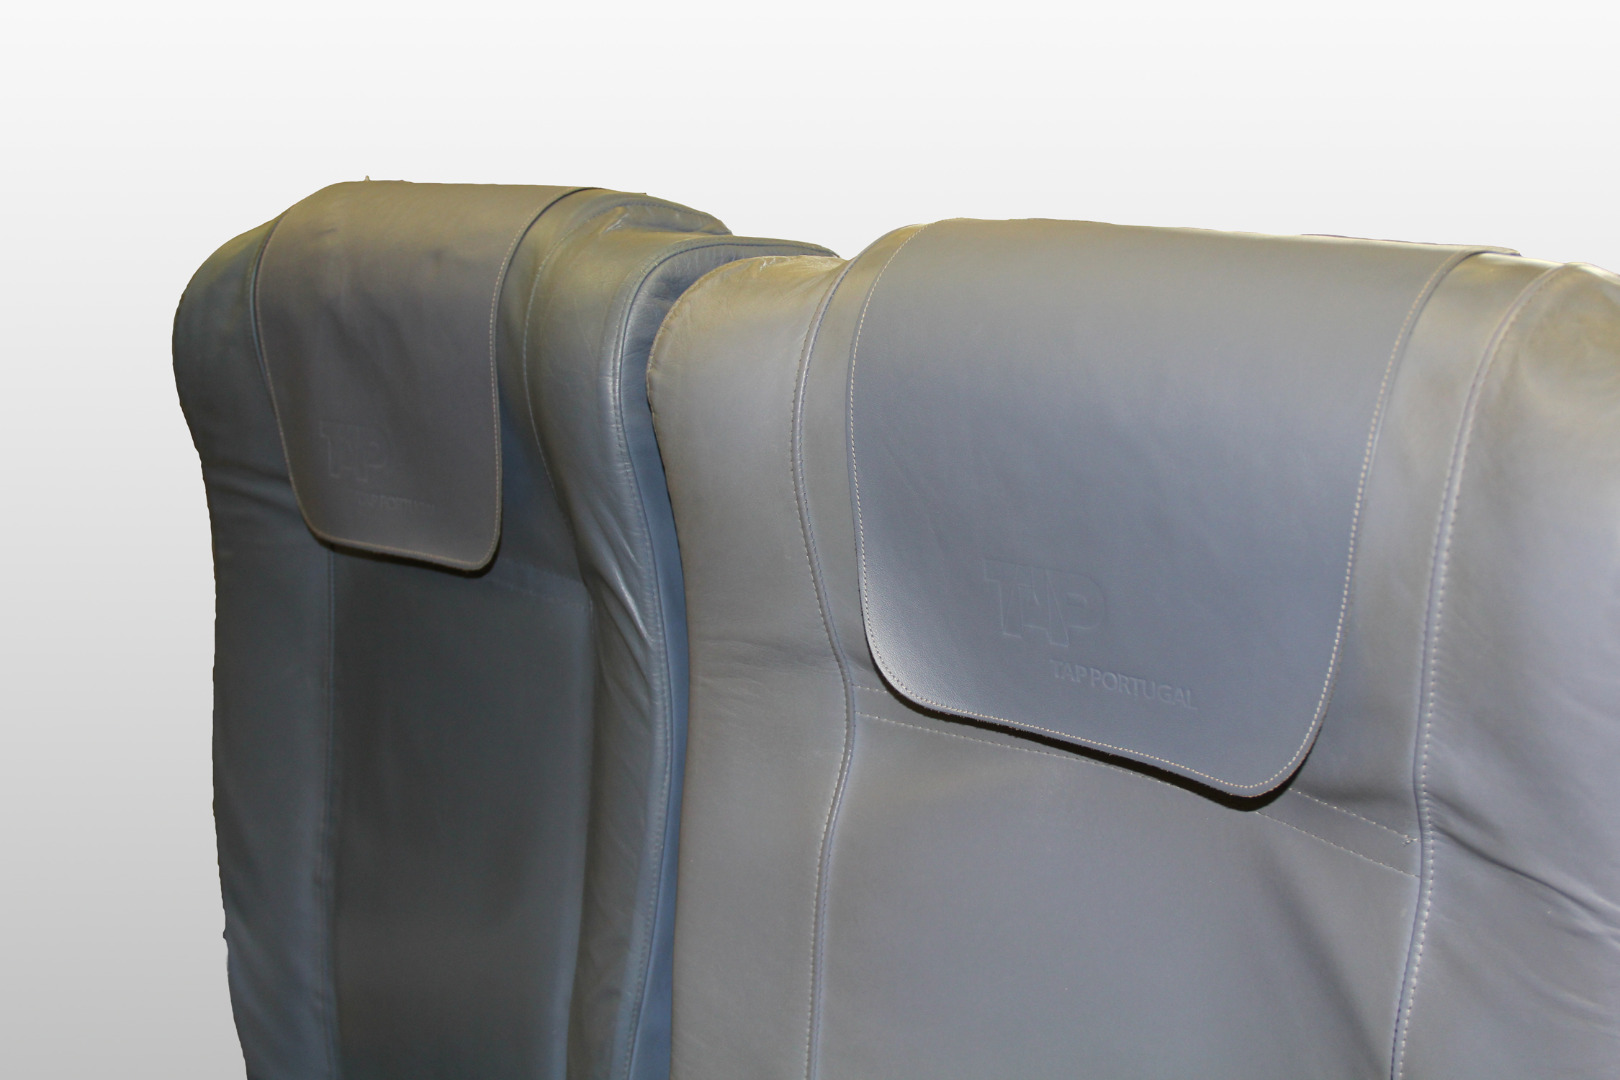 Cadeira tripla de económica do avião A319 TTK da TAP - 34